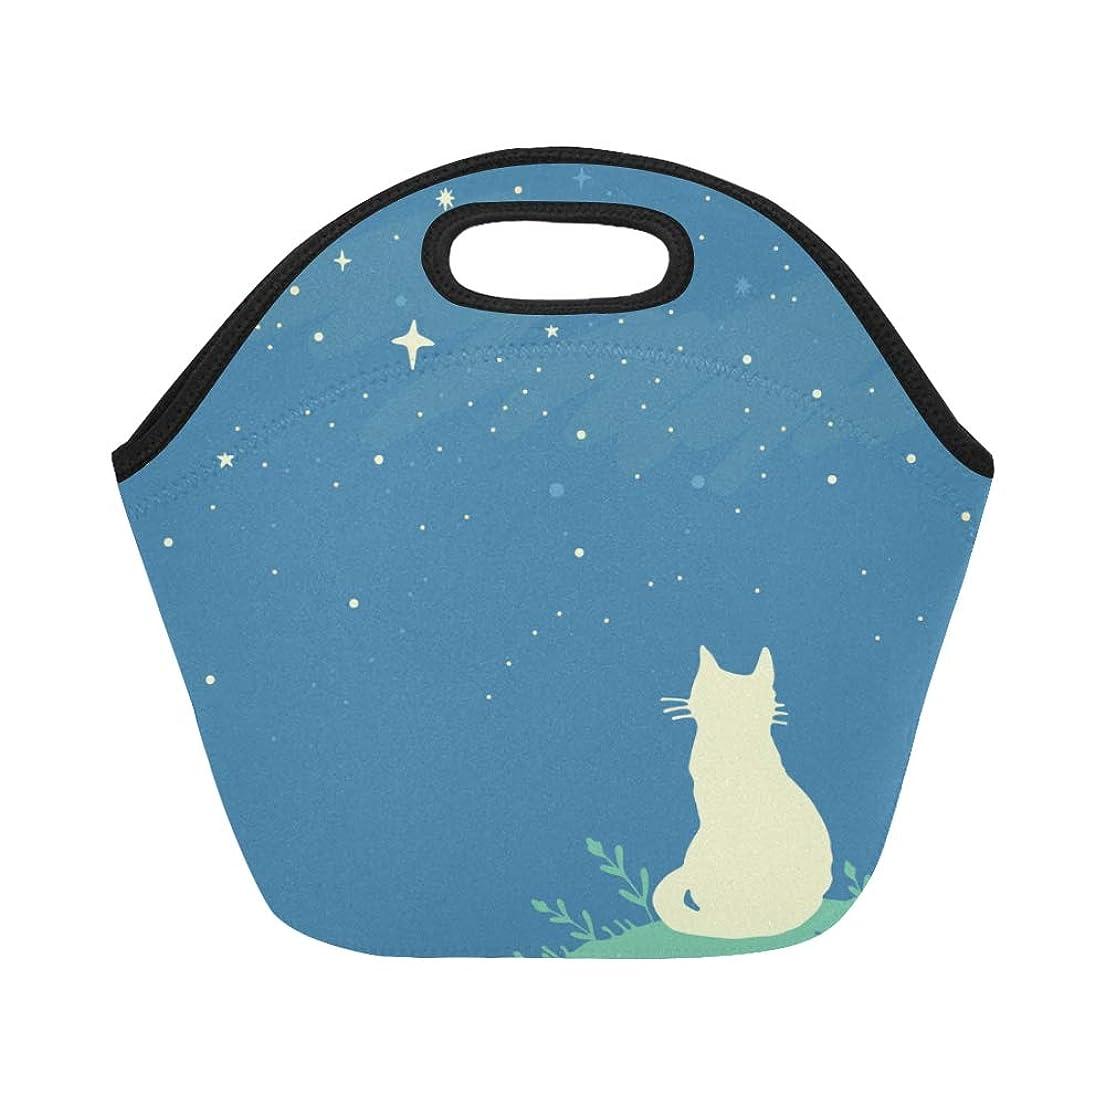 ブロー座標高度なJLDG ランチバッグ 面白い猫や星空 弁当袋 お弁当入れ 保温保冷 トート 弁当バッグ 大容量 トートバッグ